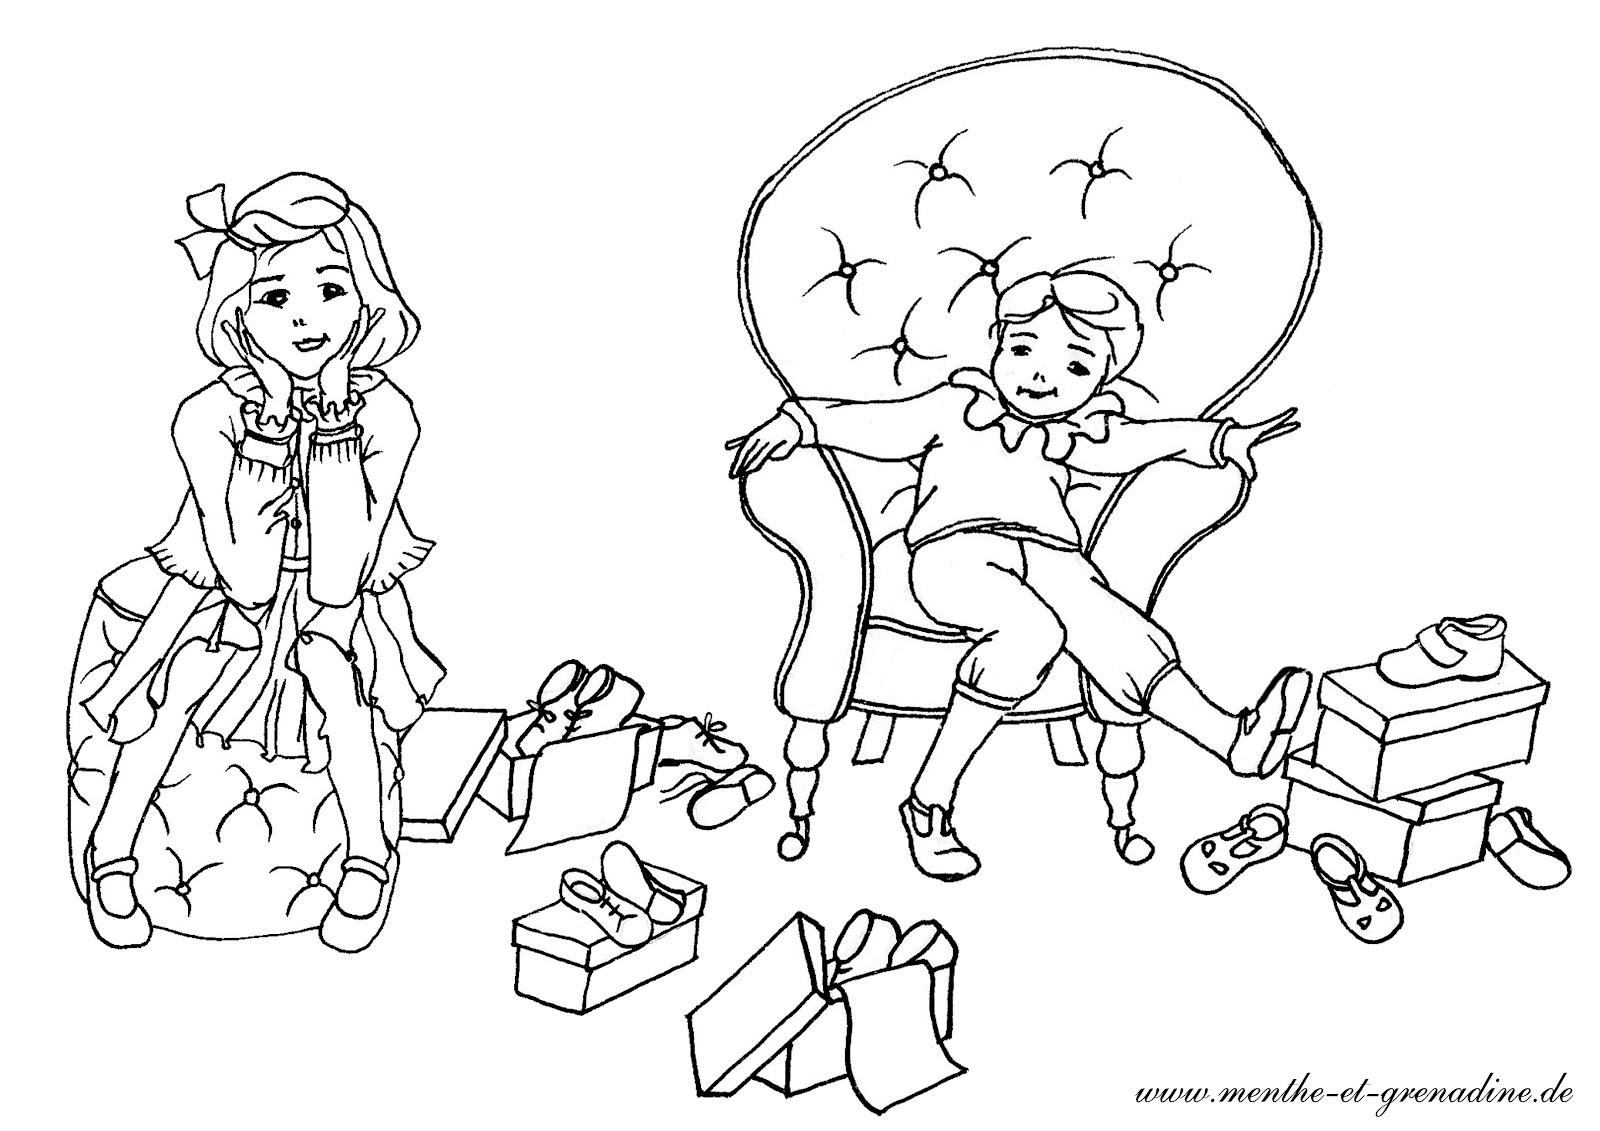 Malvorlagen Kinder Mädchen